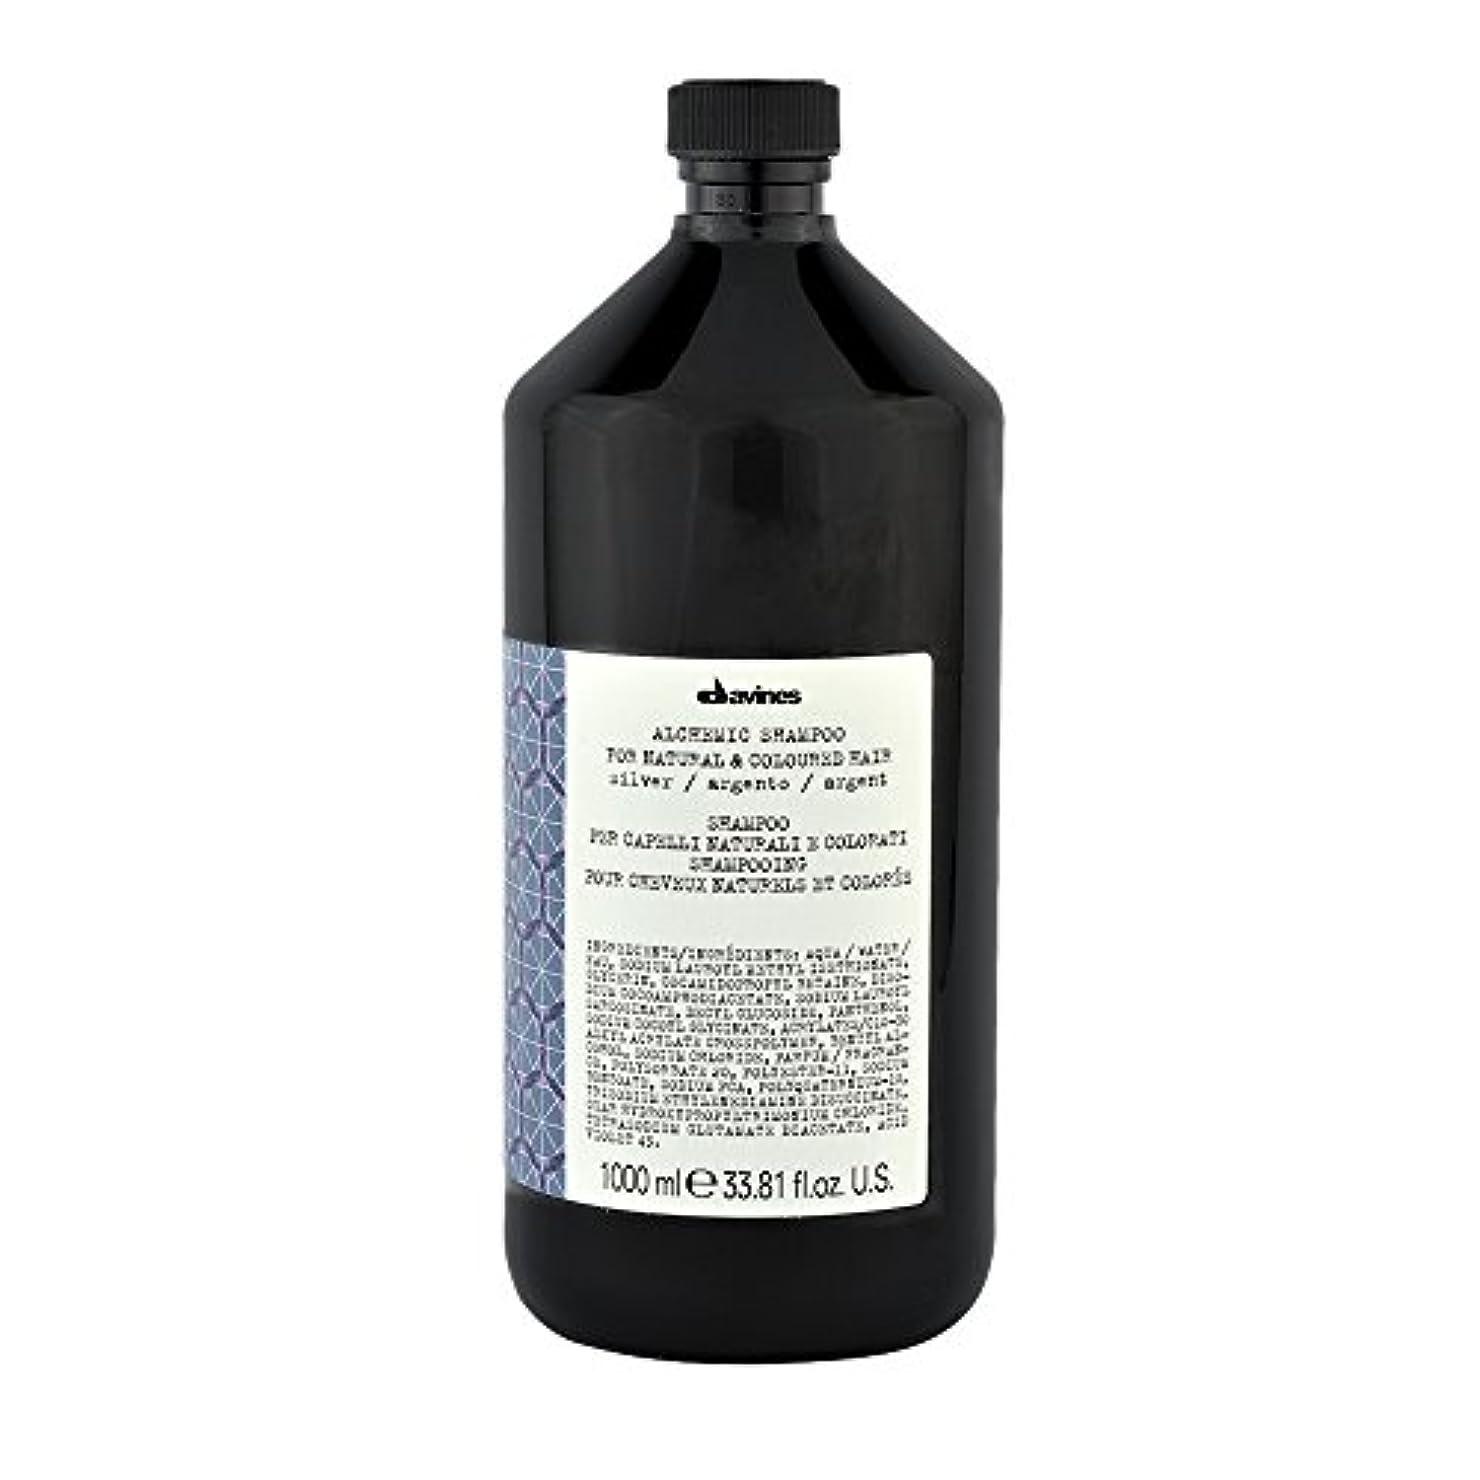 落胆する結び目取り出すダヴィネス Alchemic Conditioner - # Silver (For Natural & Coloured Hair) 1000ml/33.81oz並行輸入品